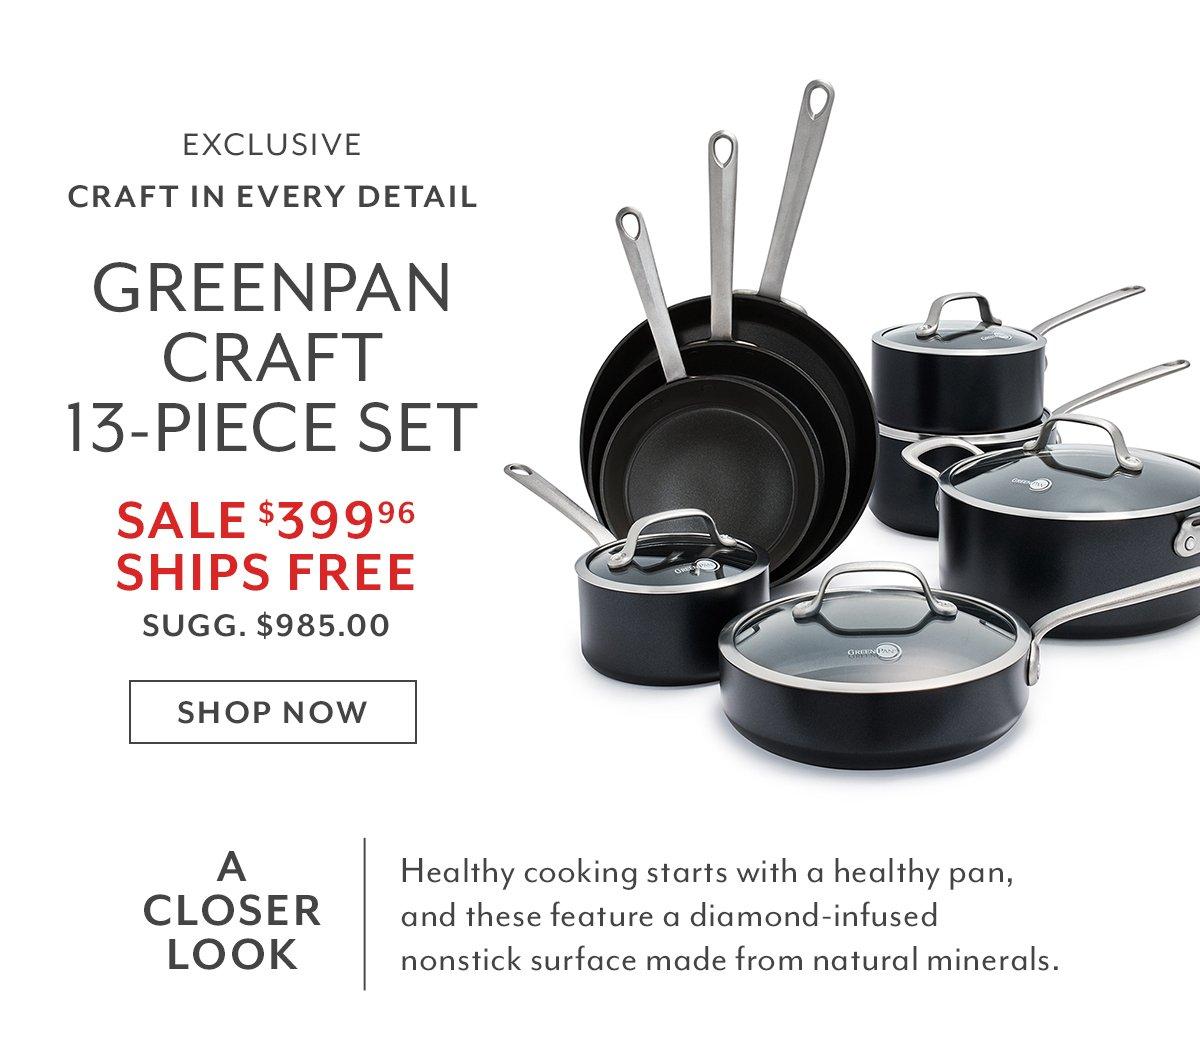 GreenPan Craft 13-PC Set